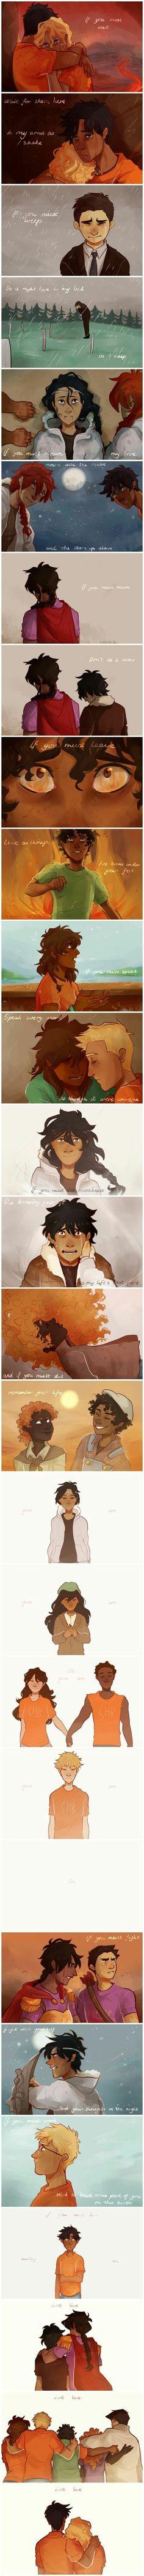 Omg im sobbing